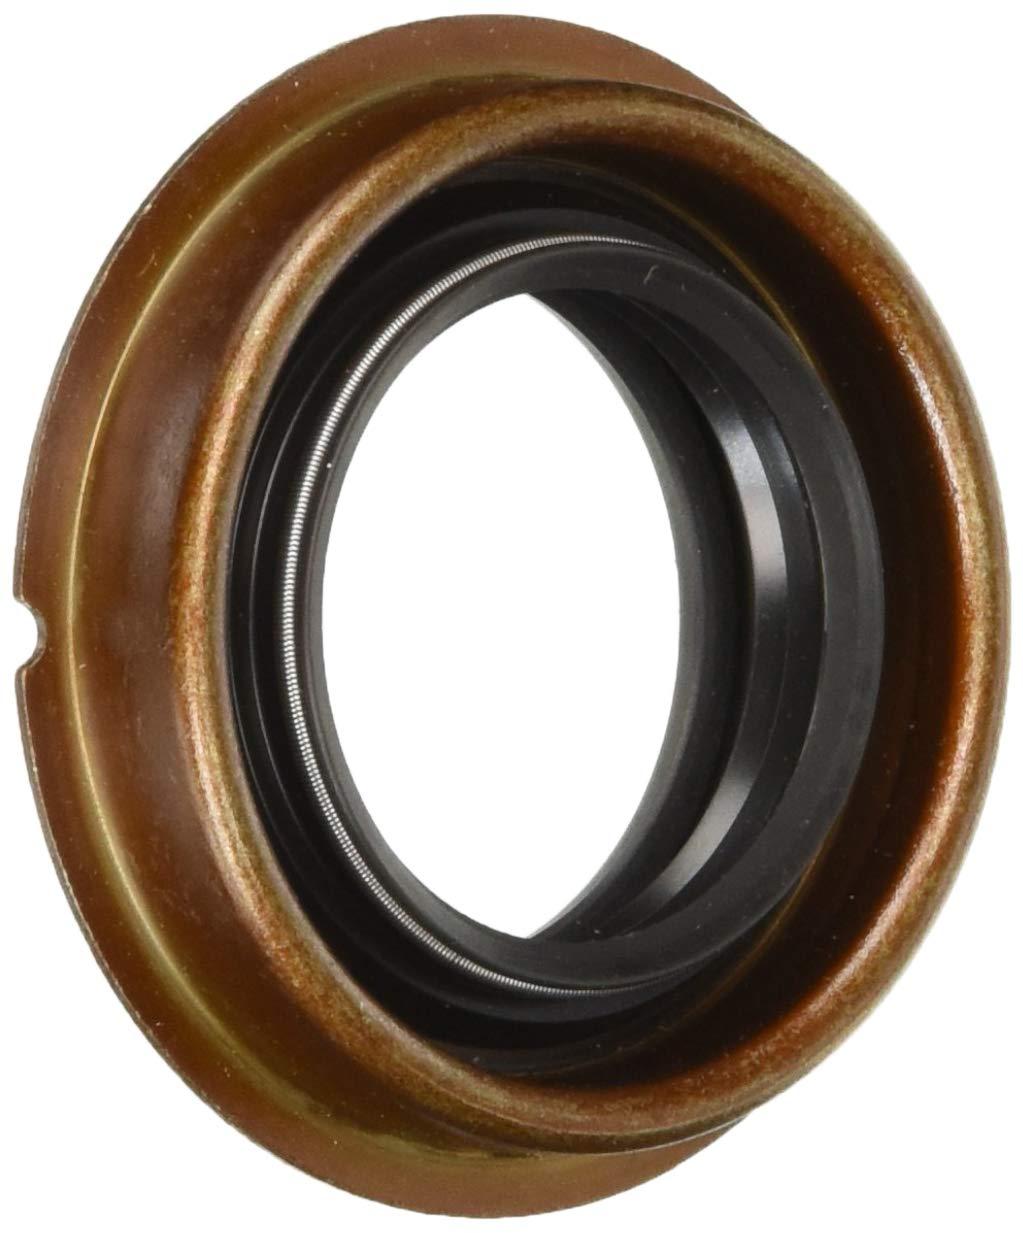 Timken 710199 Seal